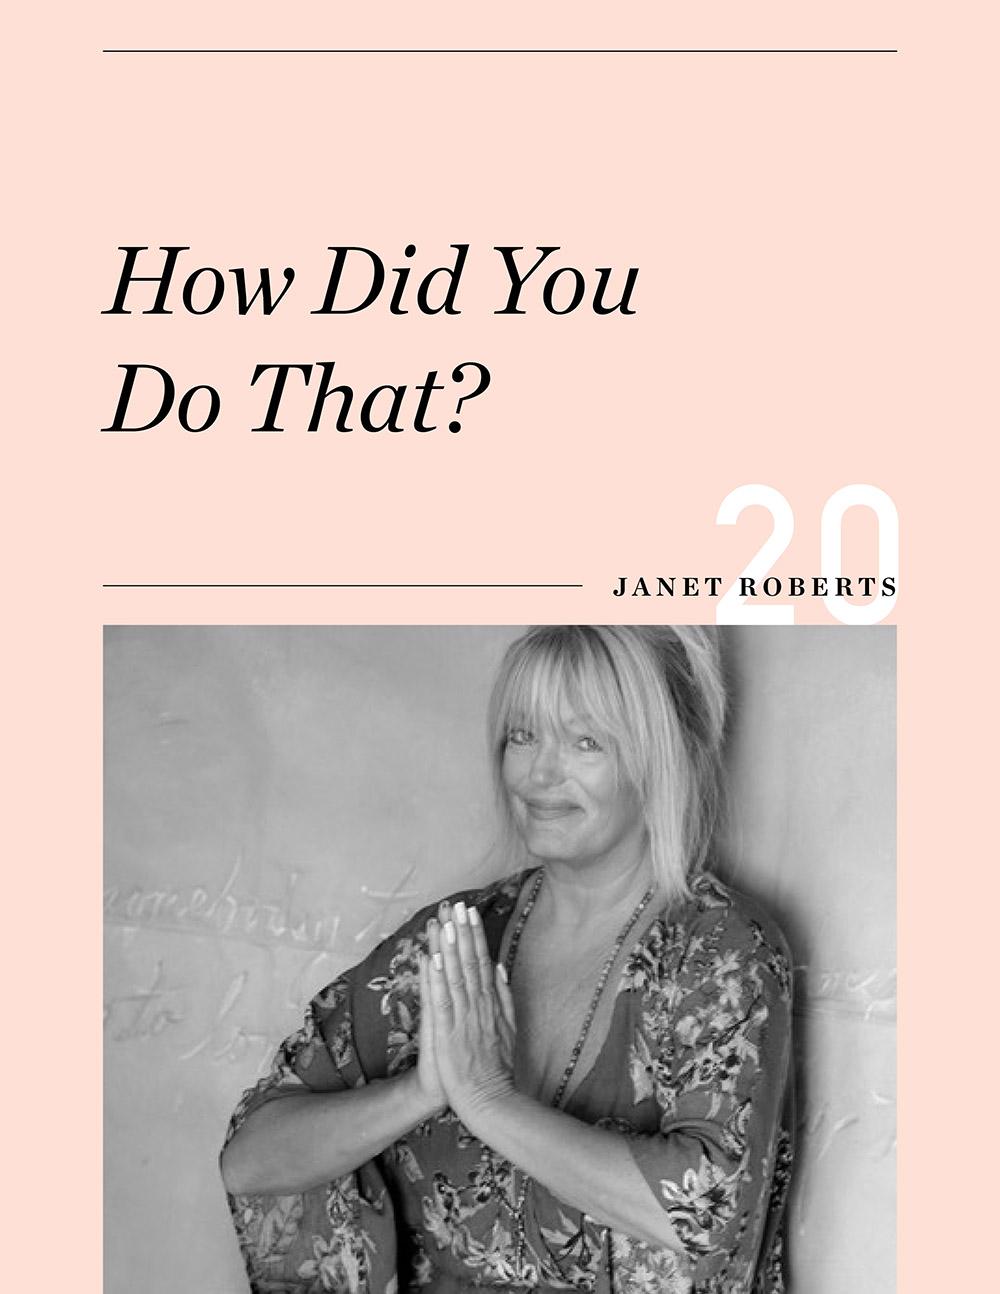 Ellen Fondiler | An Interview with Janet Roberts